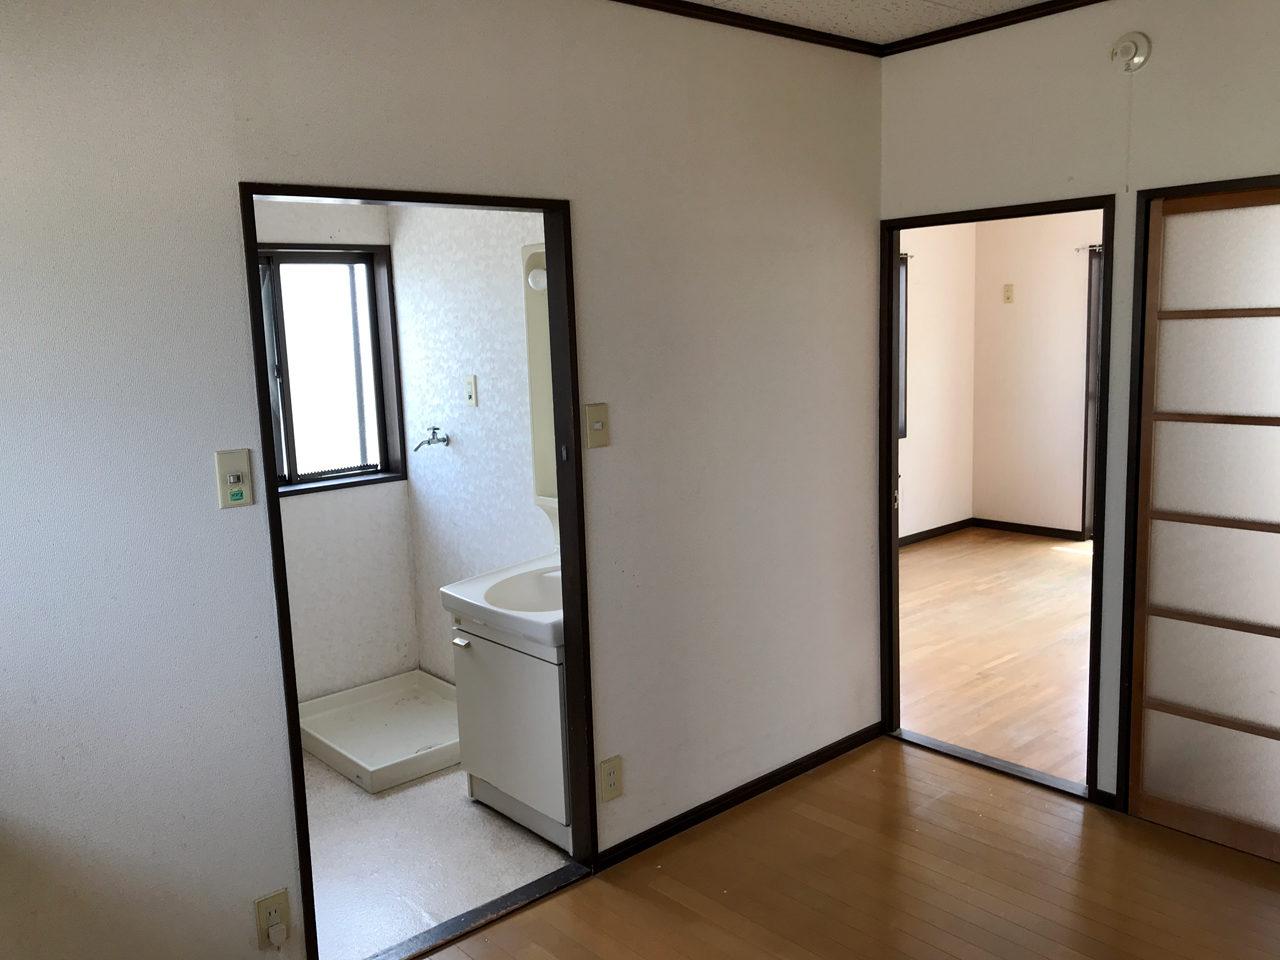 空き家を賃貸マンションへリノベーション改装設計、デザインの既設2階LDK